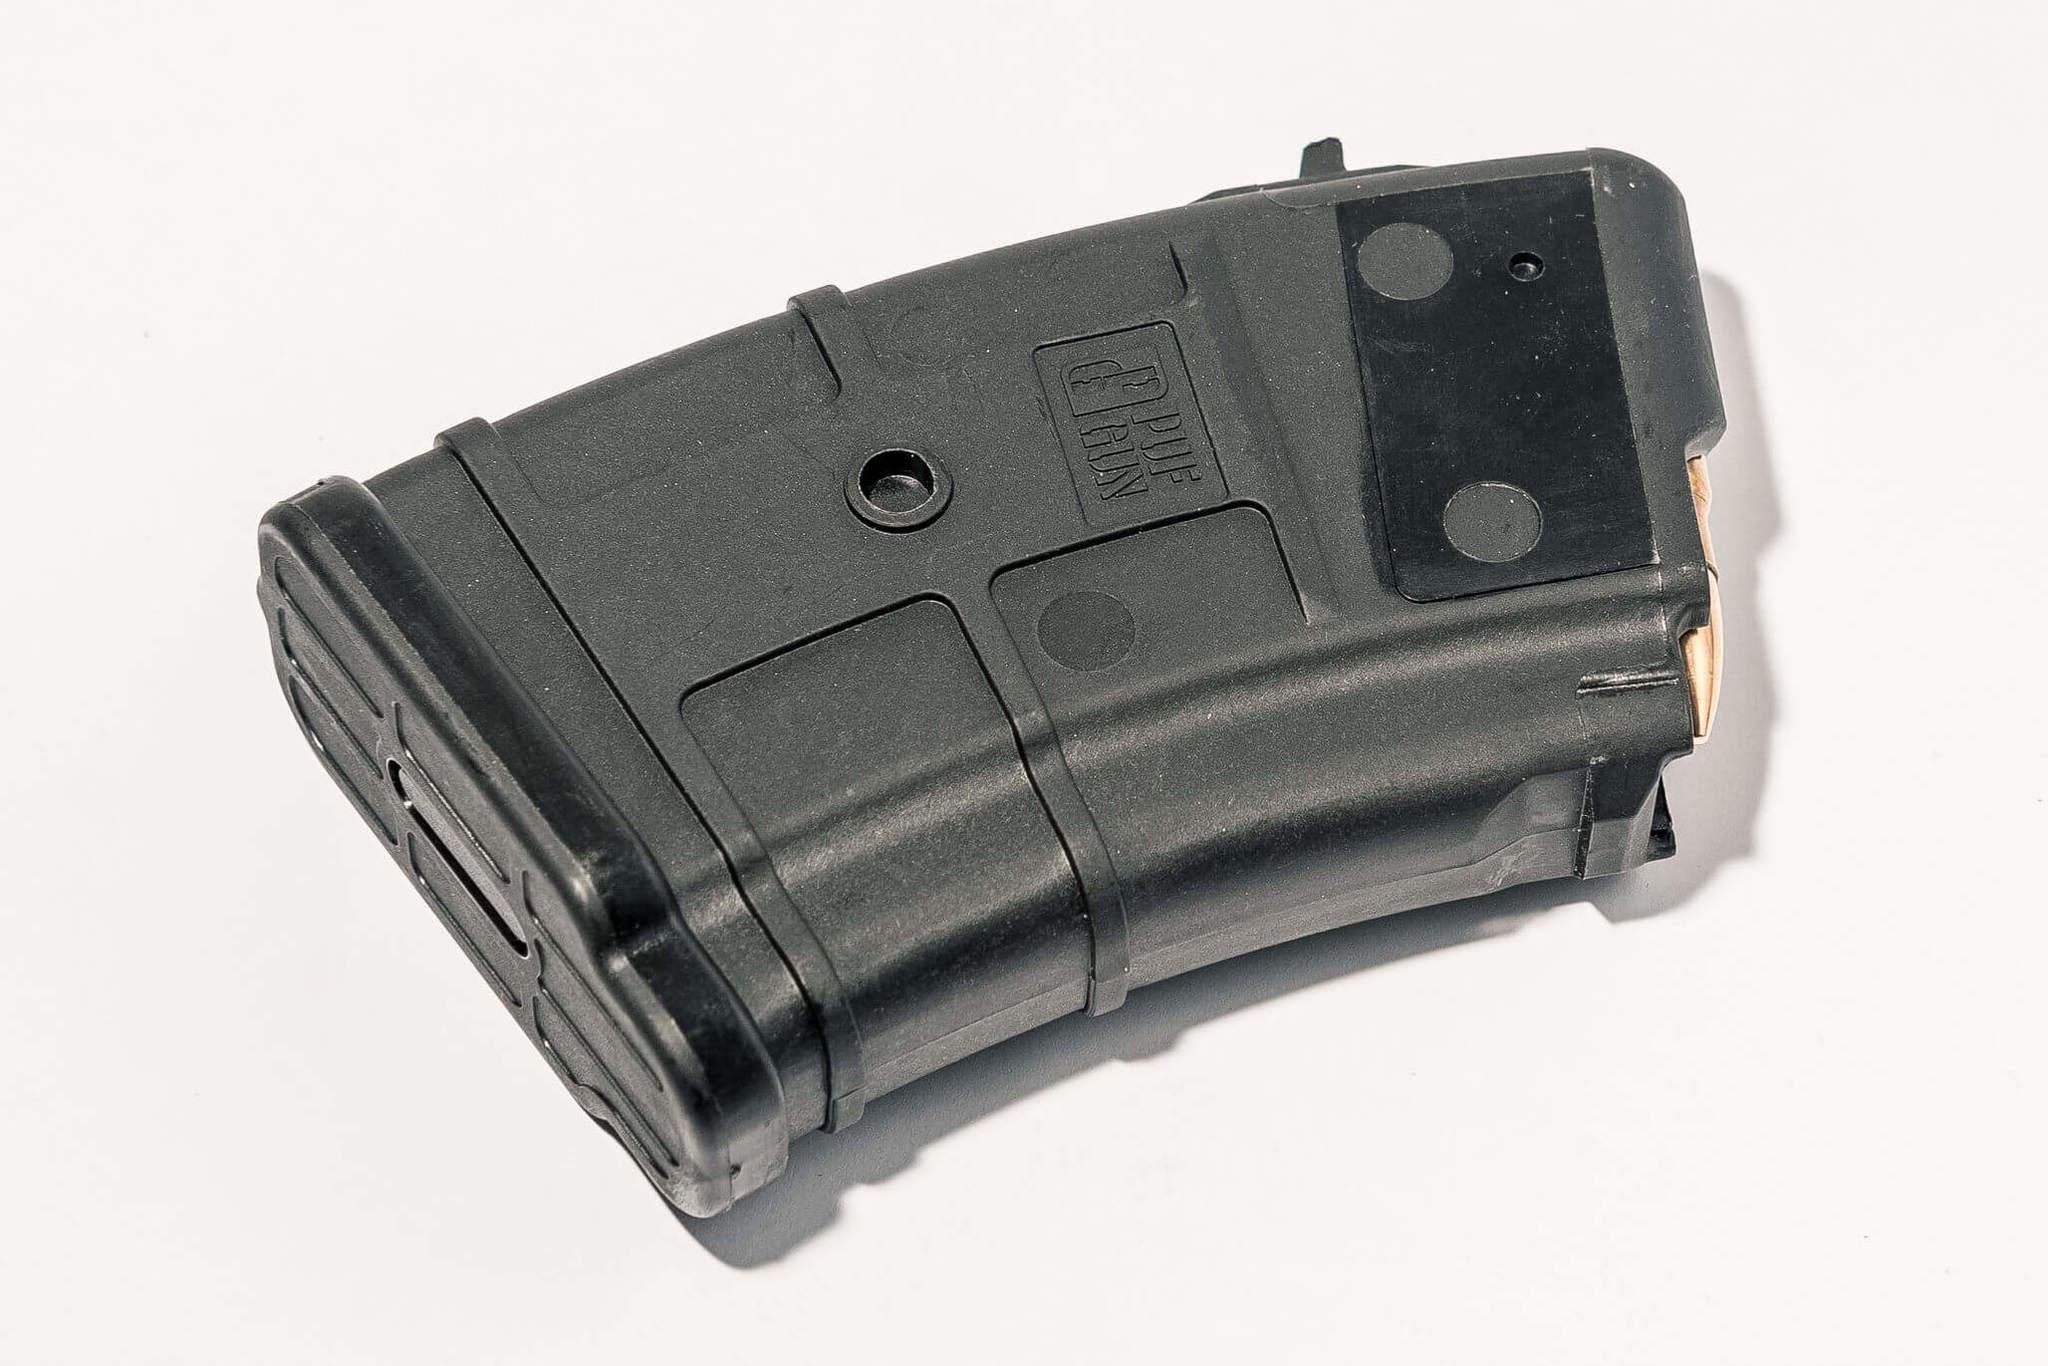 Магазин Pufgun для ВПО-136 ВПО-209 на 10 патронов, черного цвета